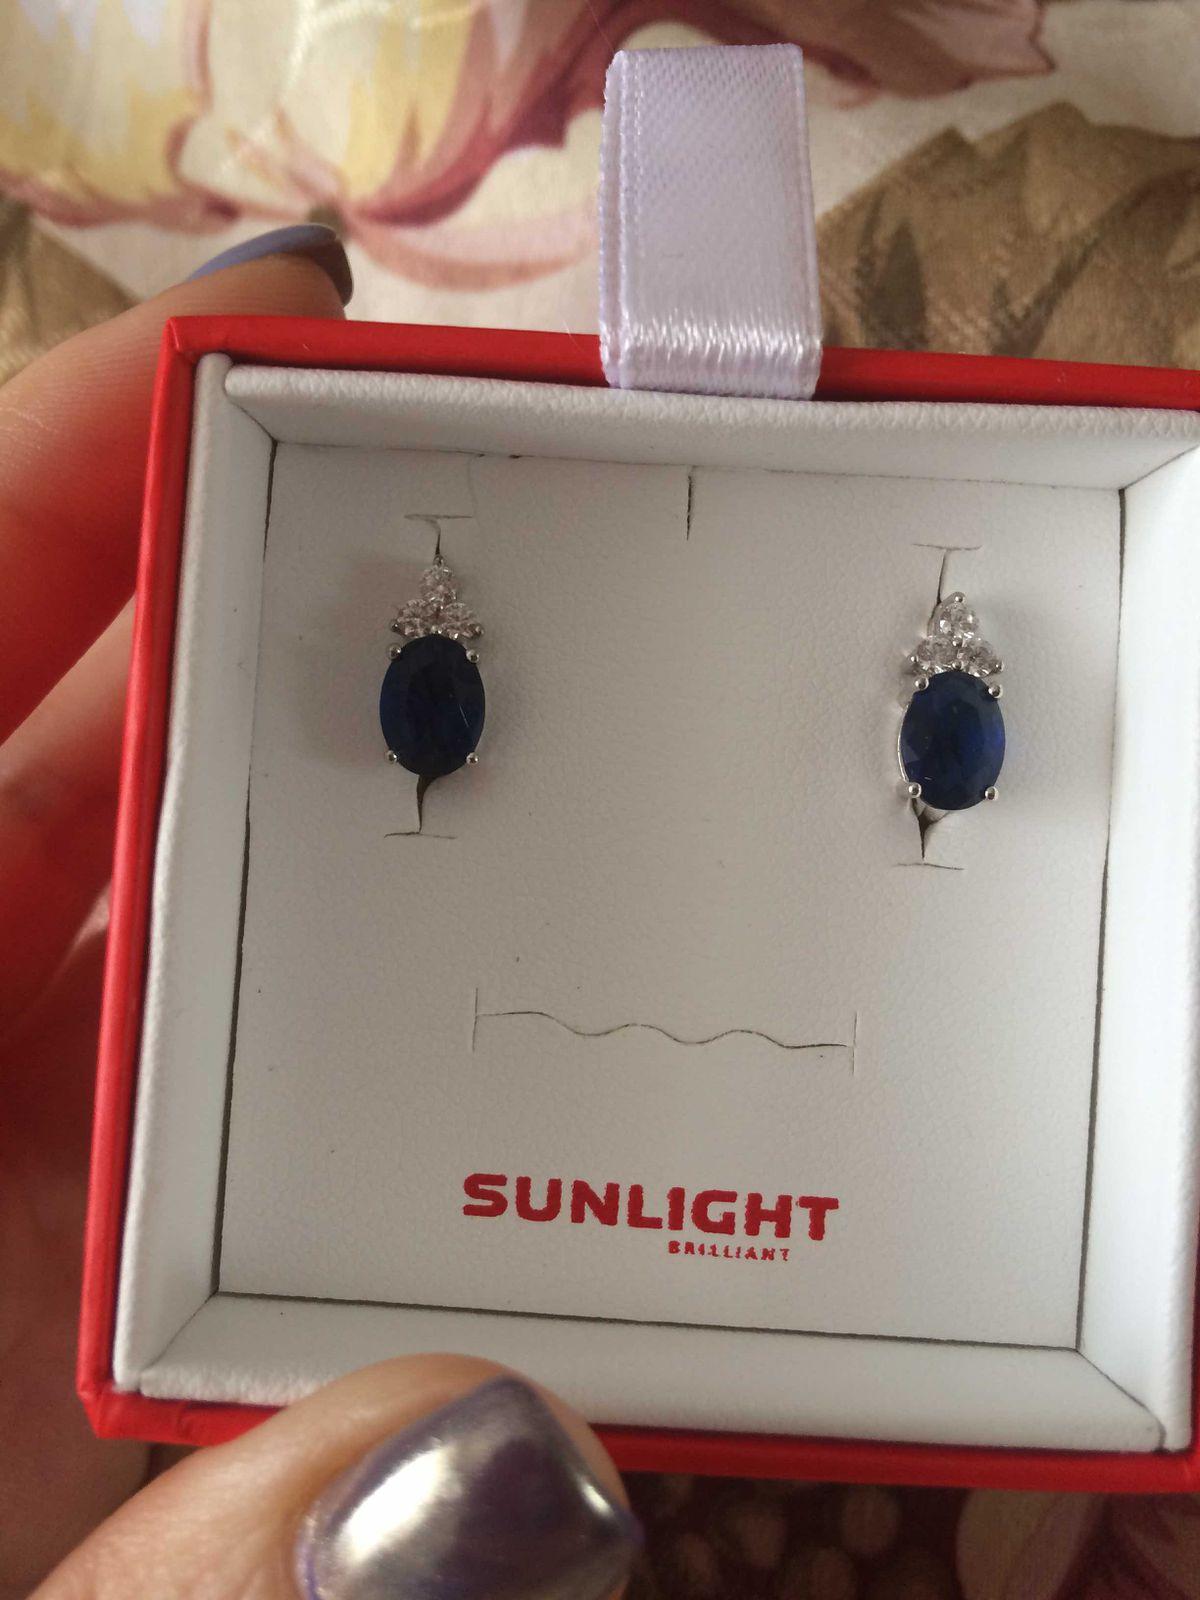 Думала куплю на подарок и не смогла растаться)